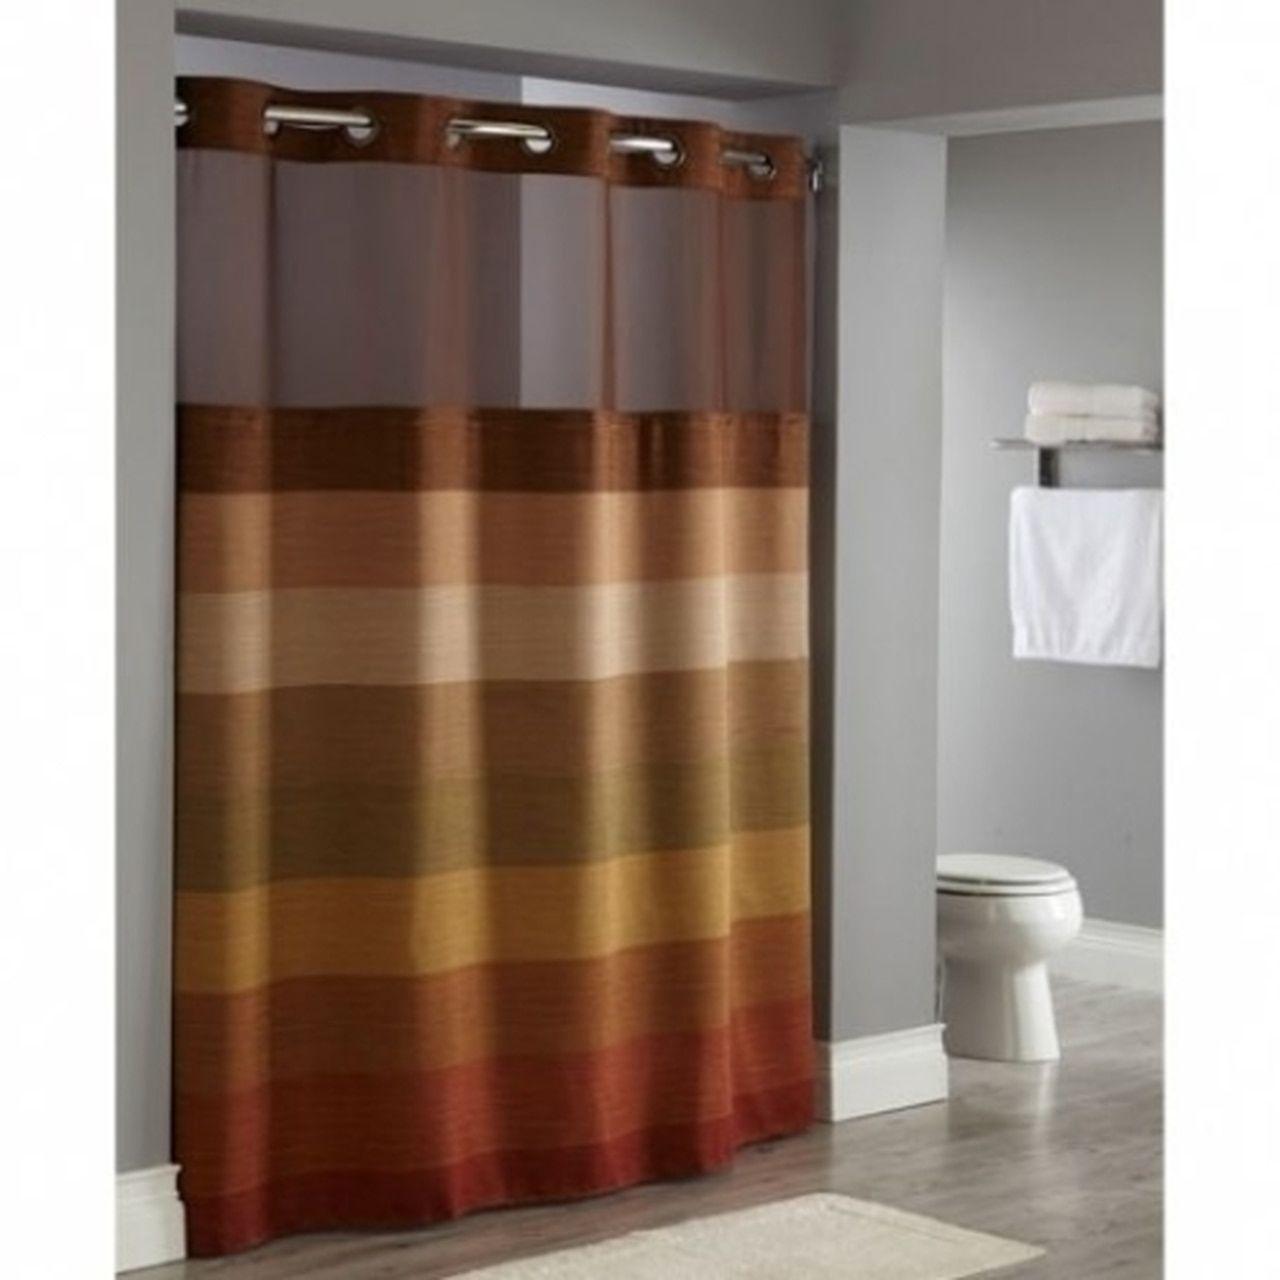 Stratus Window Hookless Shower Curtain In 2020 Hookless Shower